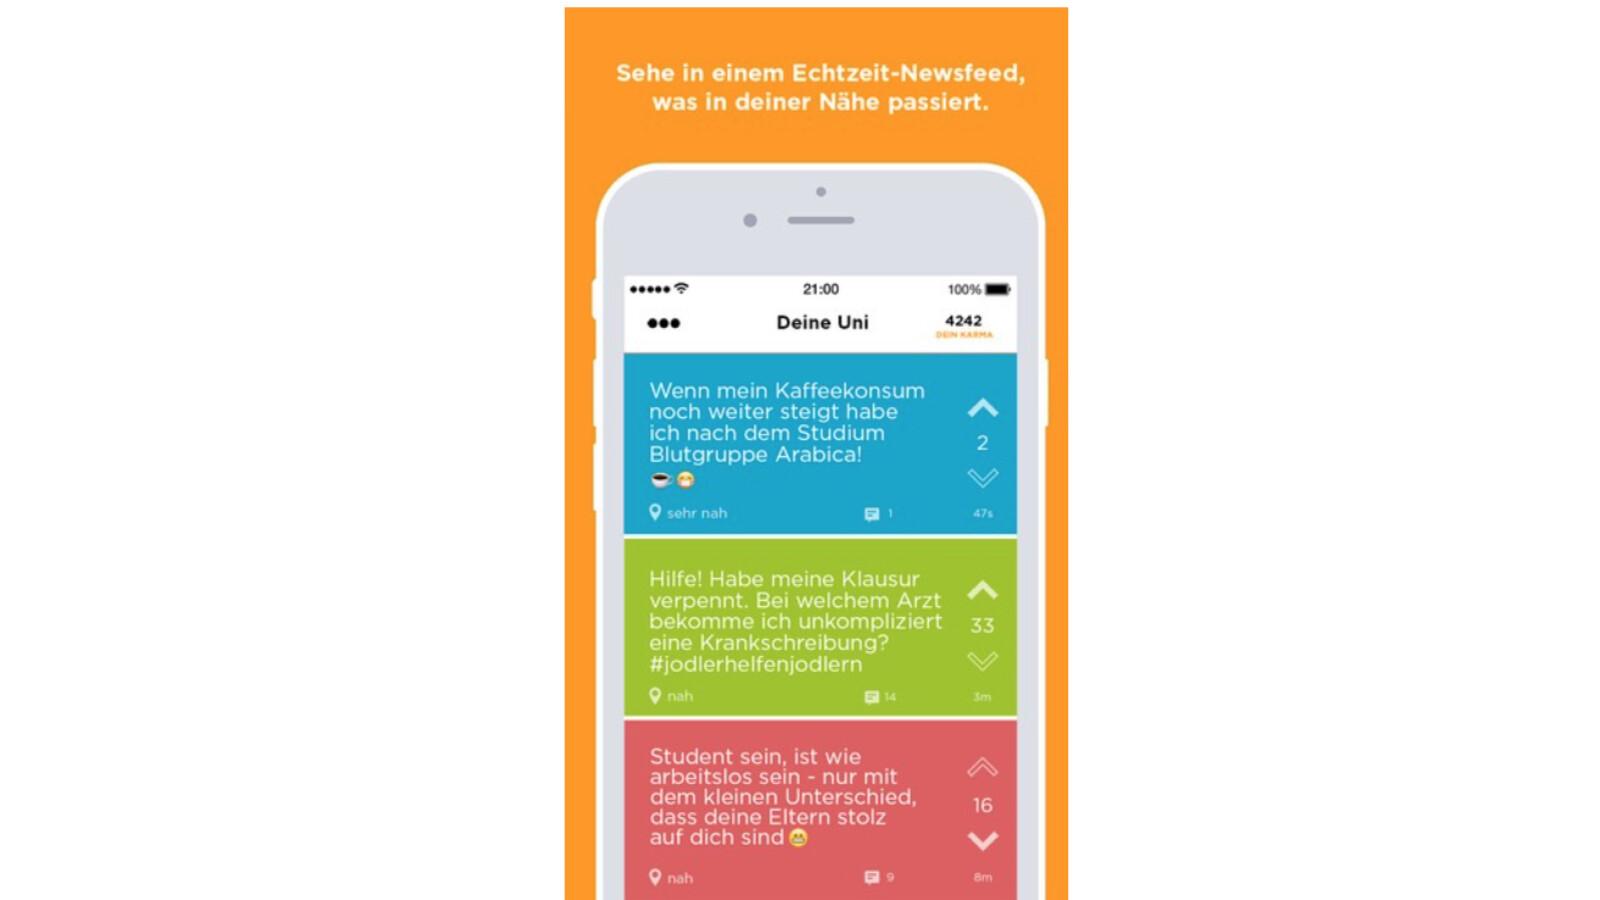 Jodel-App für anonymen Gedankenaustausch - so funktioniert